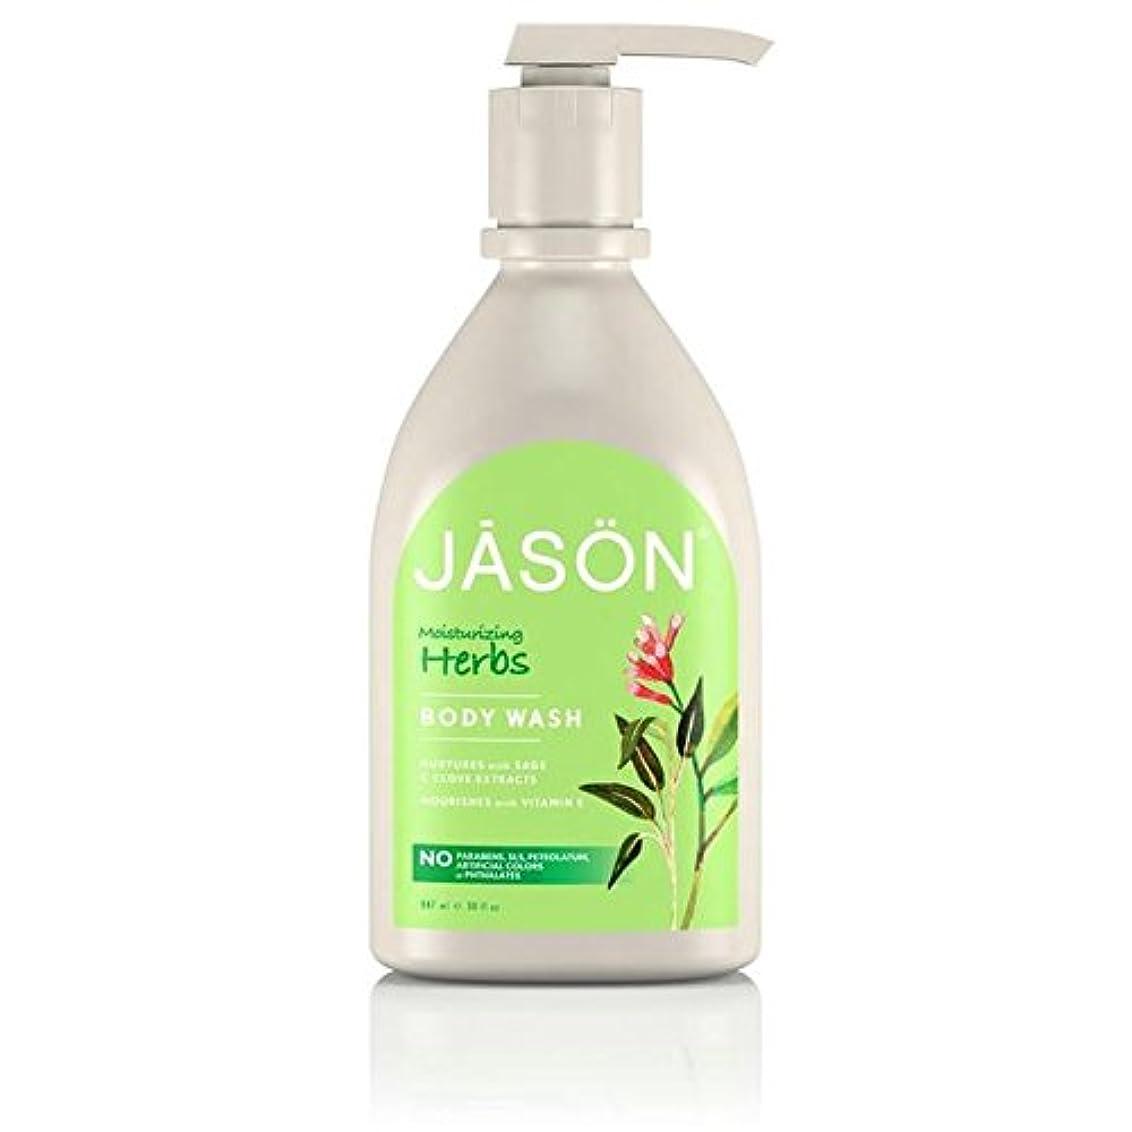 知人静的巡礼者ジェイソン?ハーブサテンボディウォッシュポンプ900ミリリットル x2 - Jason Herbal Satin Body Wash Pump 900ml (Pack of 2) [並行輸入品]